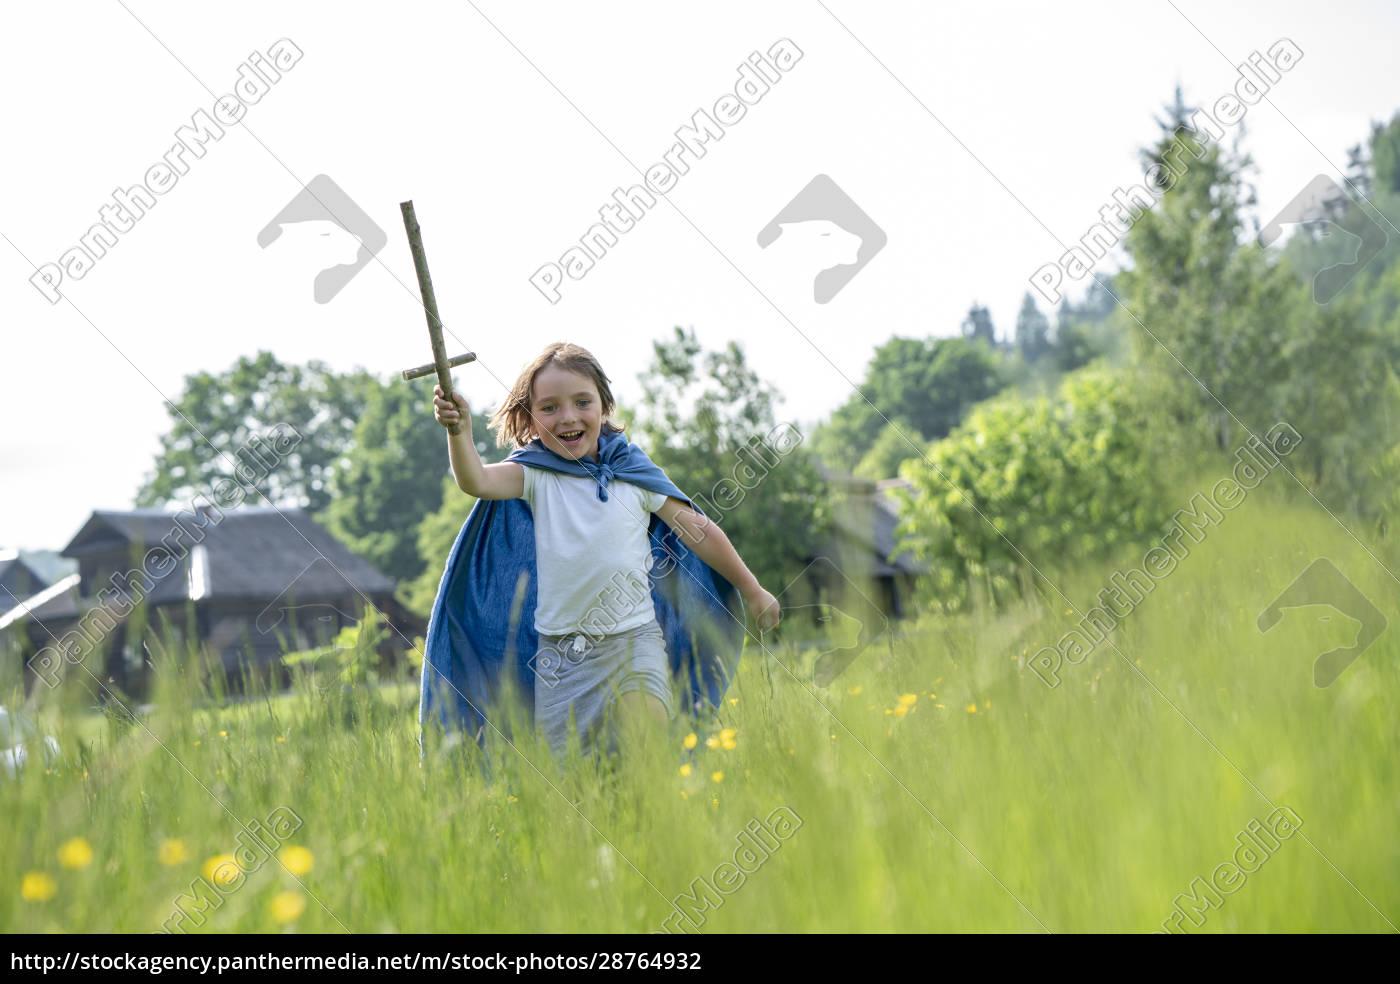 verspielter, junge, trägt, umhang, halten, spielzeug - 28764932